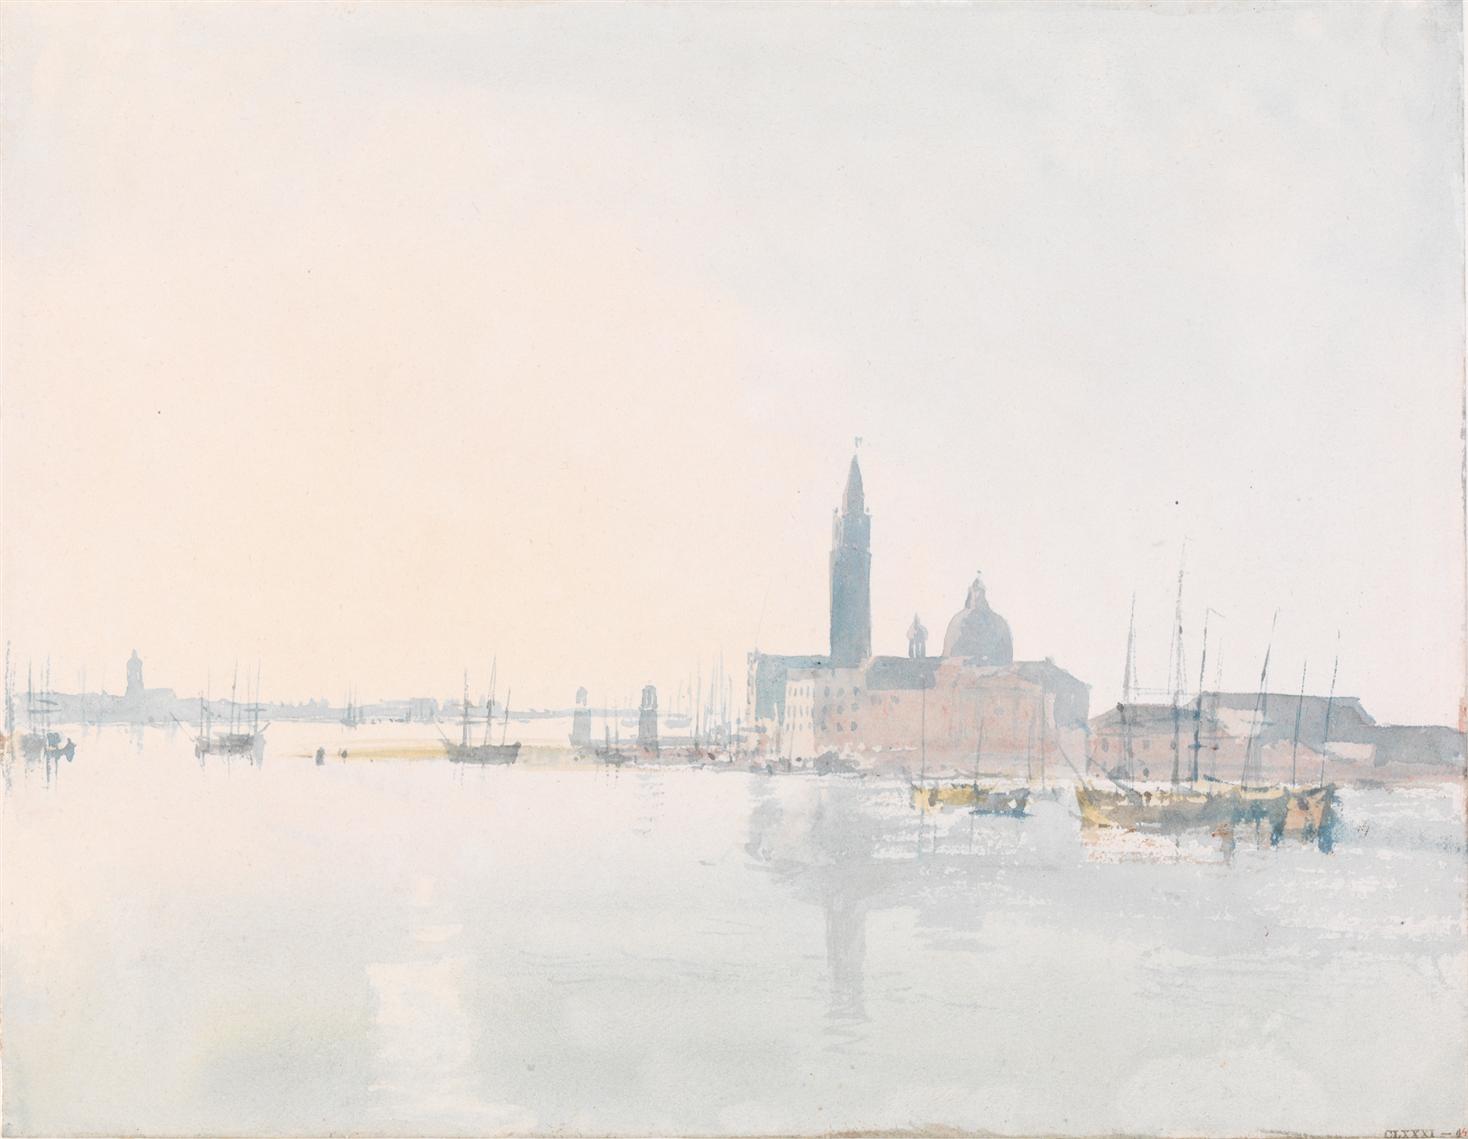 Venise San Giorgio Maggiore, tôt le matin, 1819, aquarelle sur papier, 22,3 x 28,7 cm Tate, accepté par la nation dans le cadre du legs Turner 1856, Photo © Tate